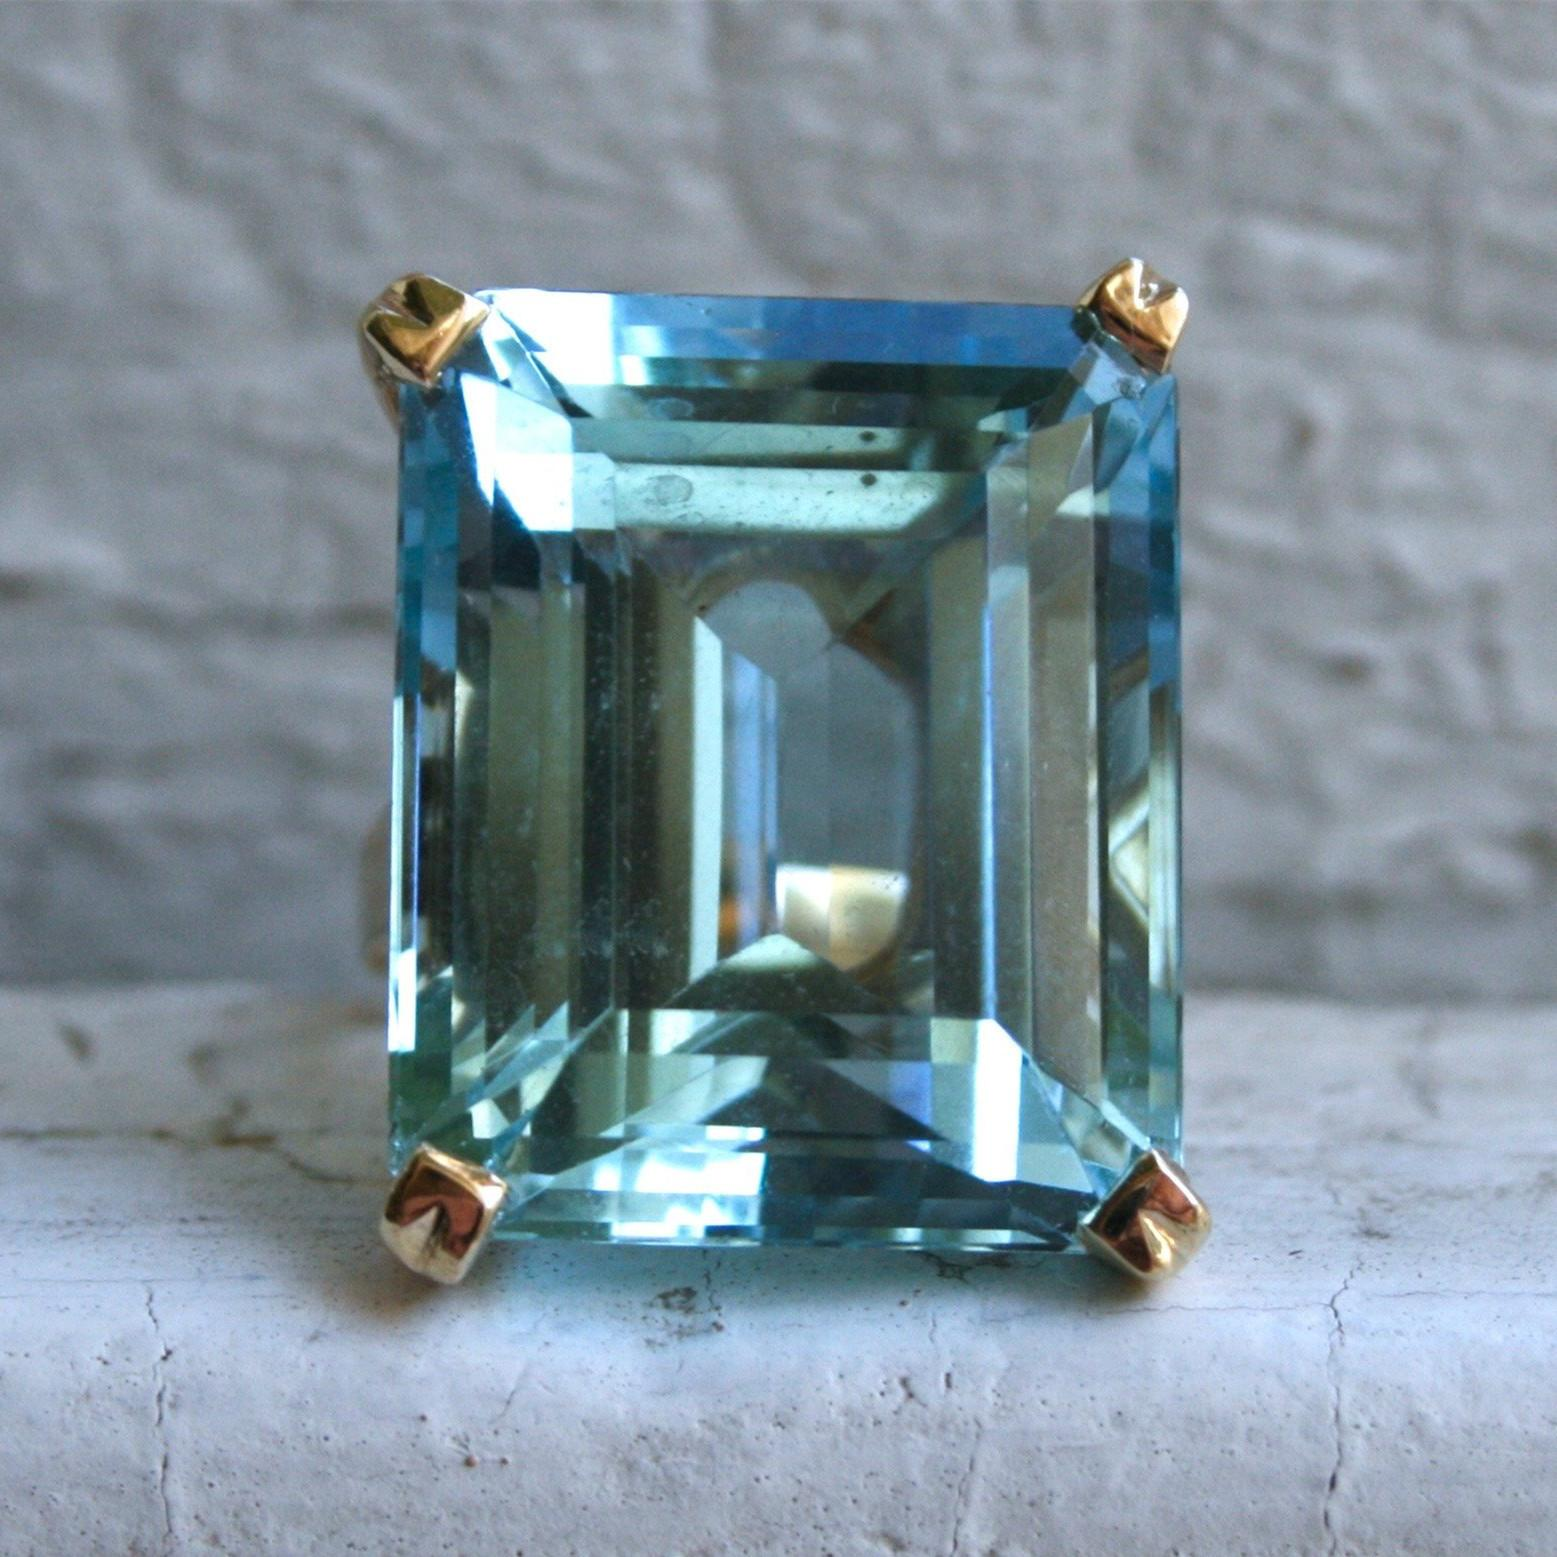 Море голубой топаз камня Принцесса бриллиант кольцо обручальное кольцо 14k золото кольца для женщин Bizuteria нефрита ювелирных изделий с бриллиантами Y200321